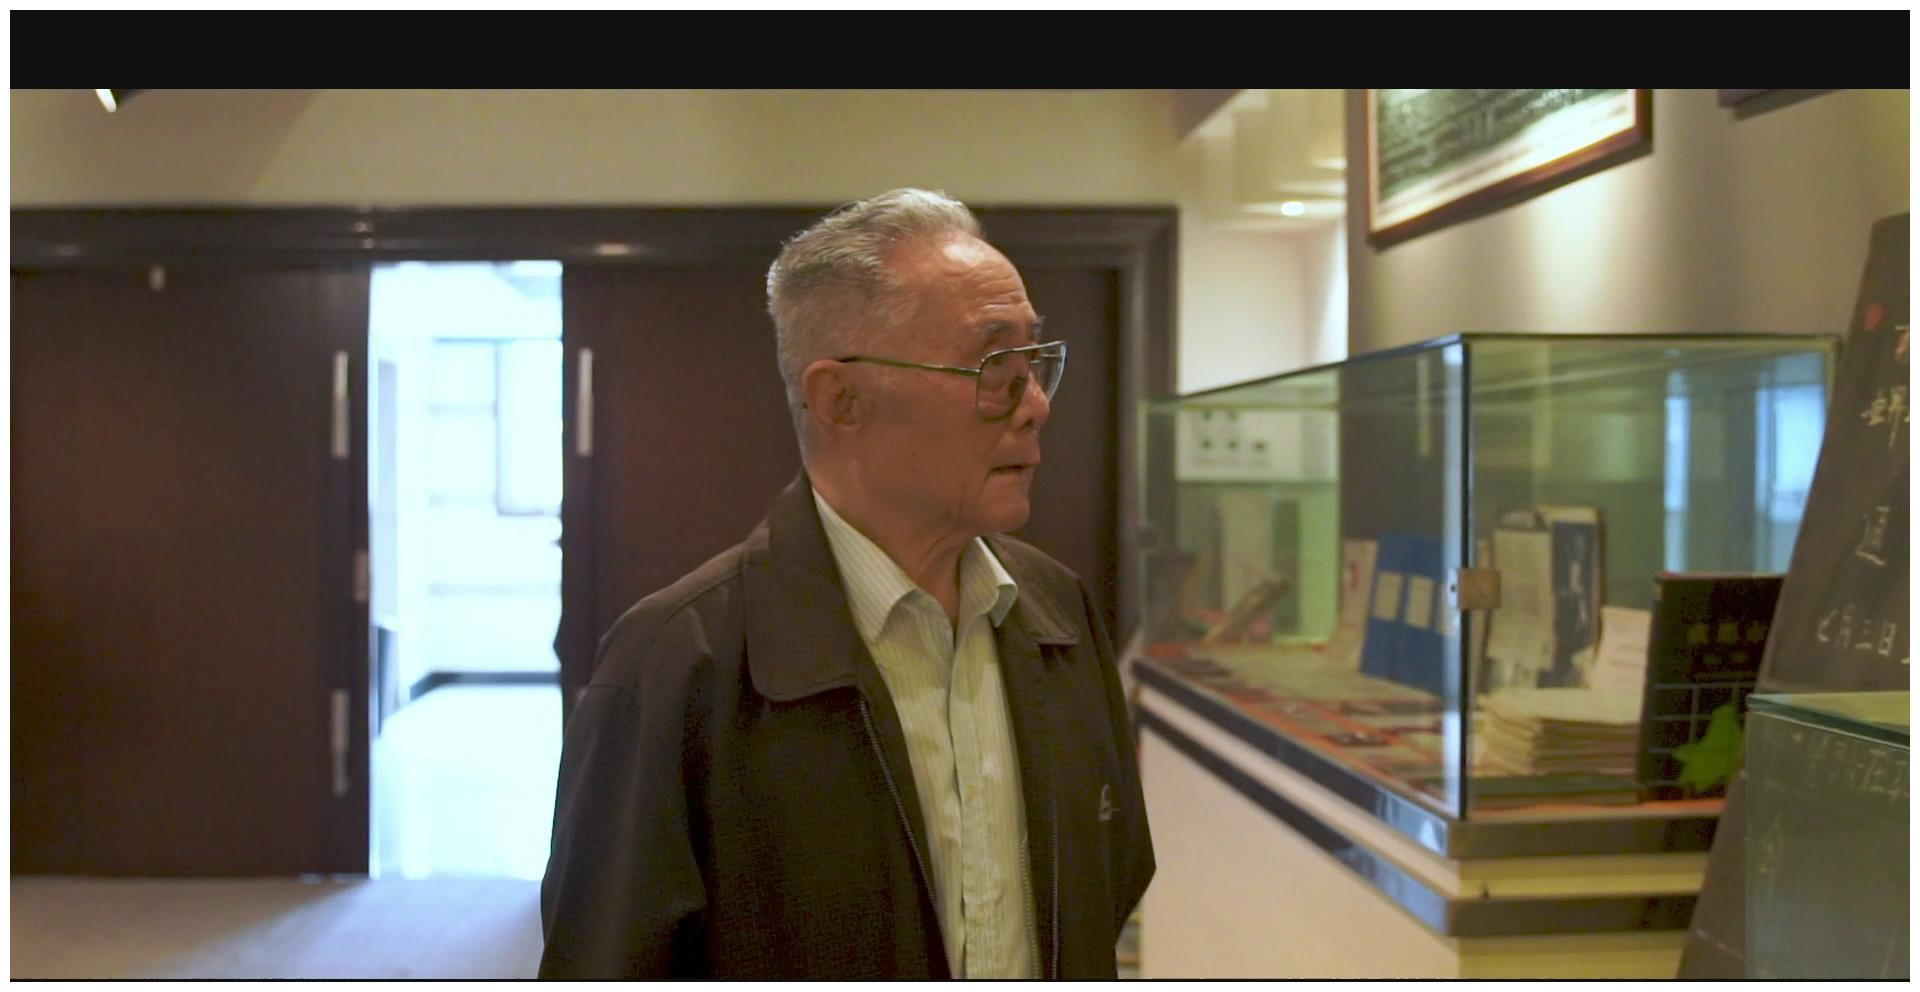 屈玉琨:心系检察事业的发展和检察干警的成长